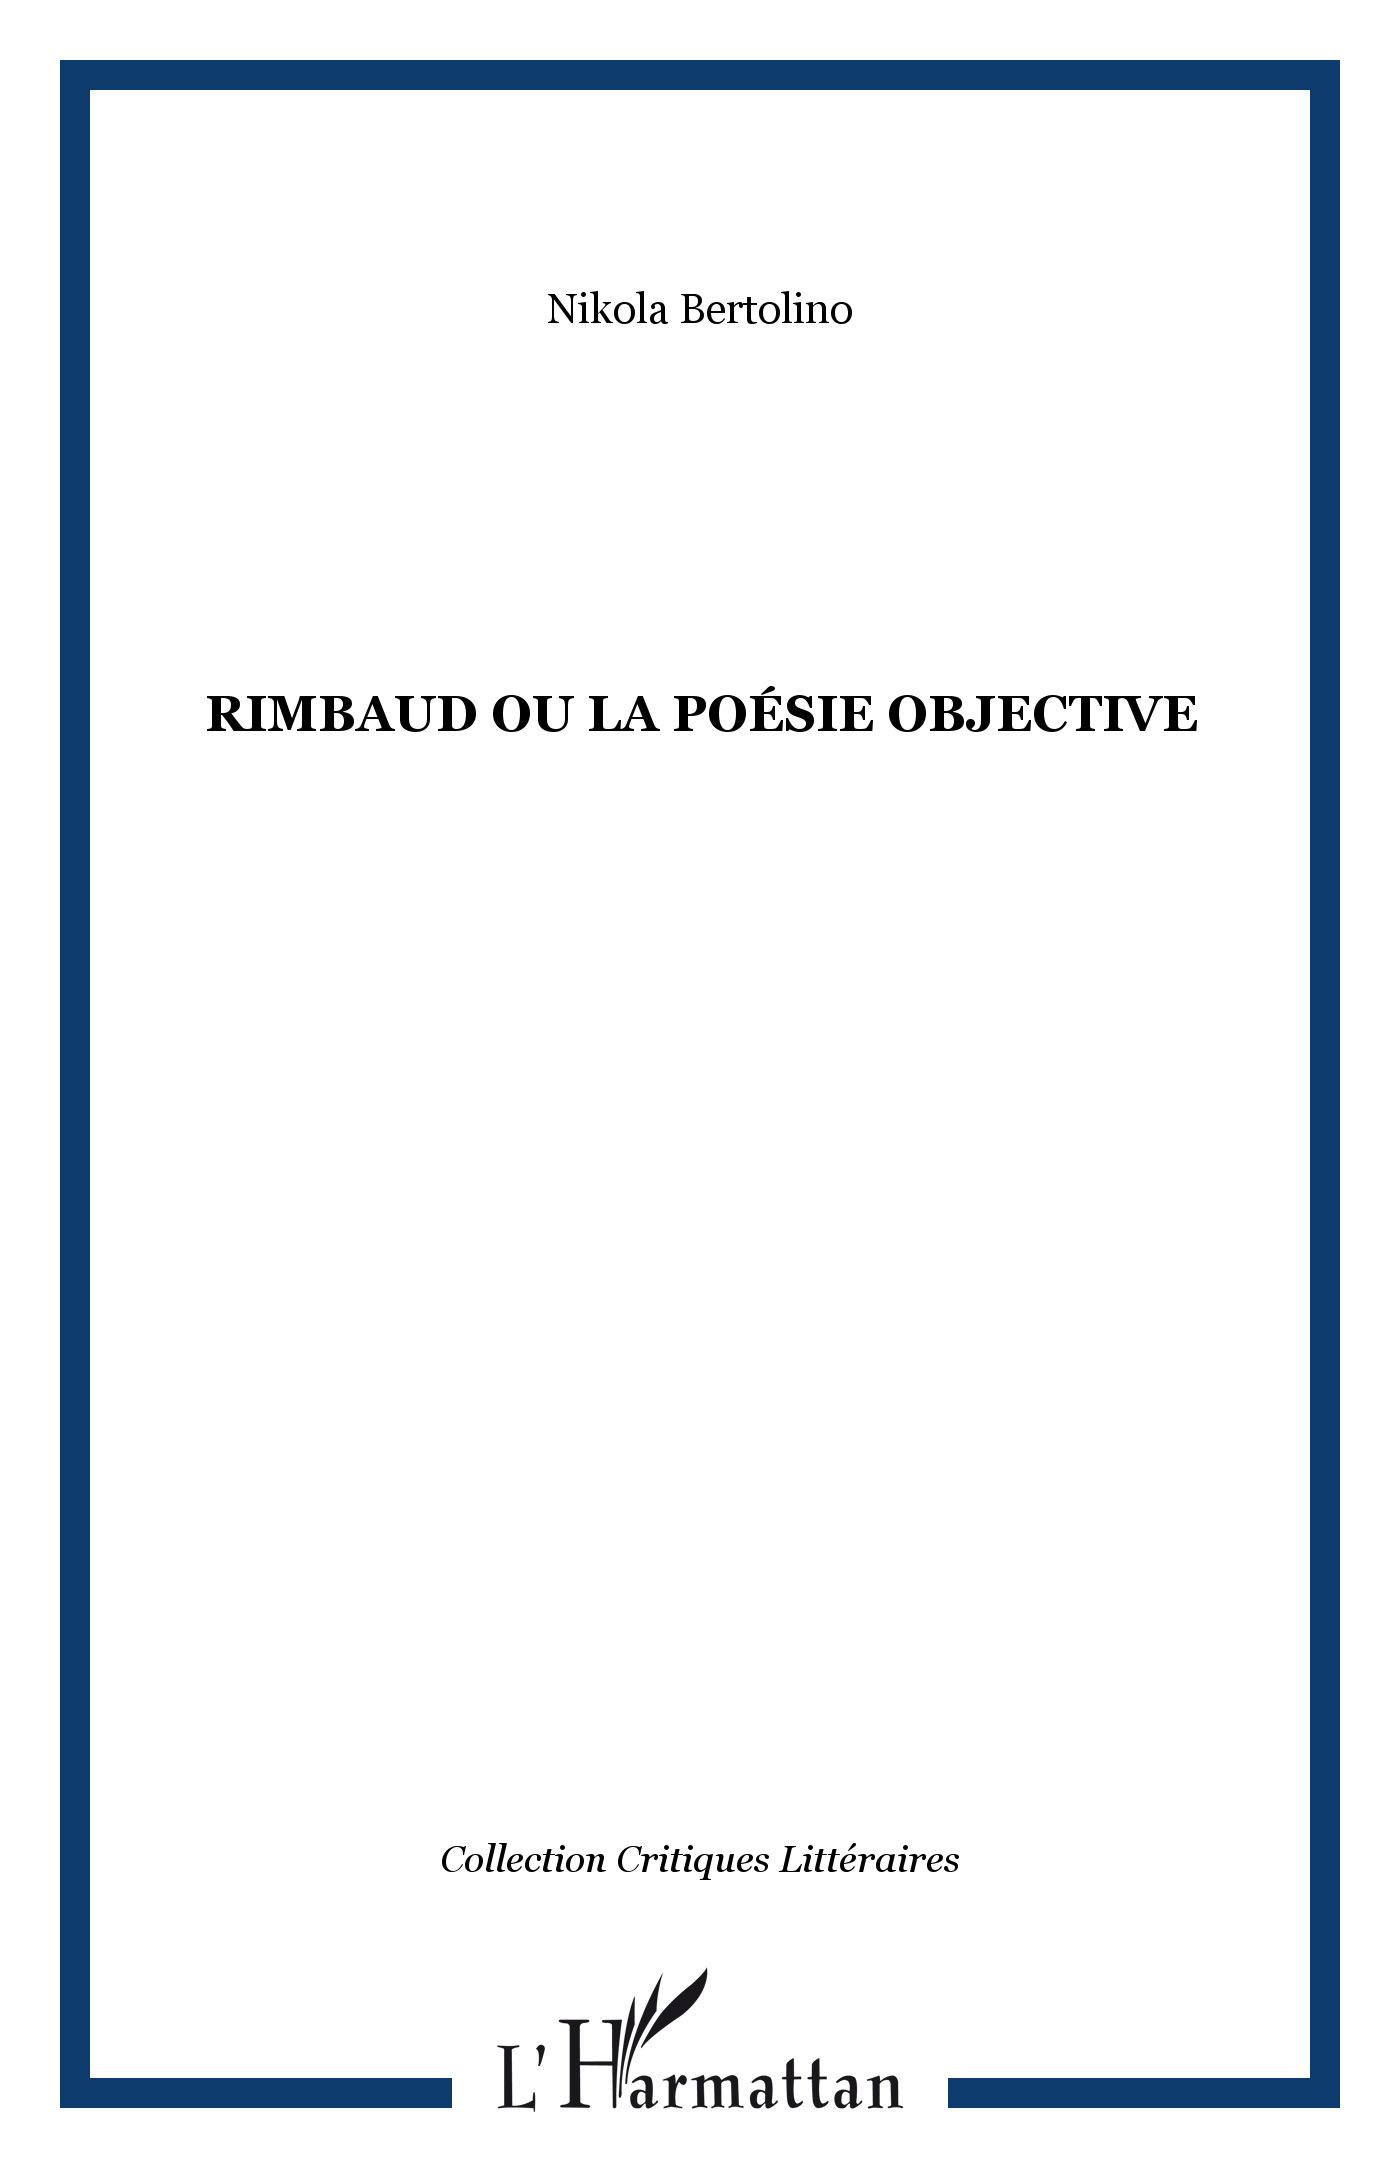 Rimbaud Ou La Poésie Objective Nikola Bertolino Livre